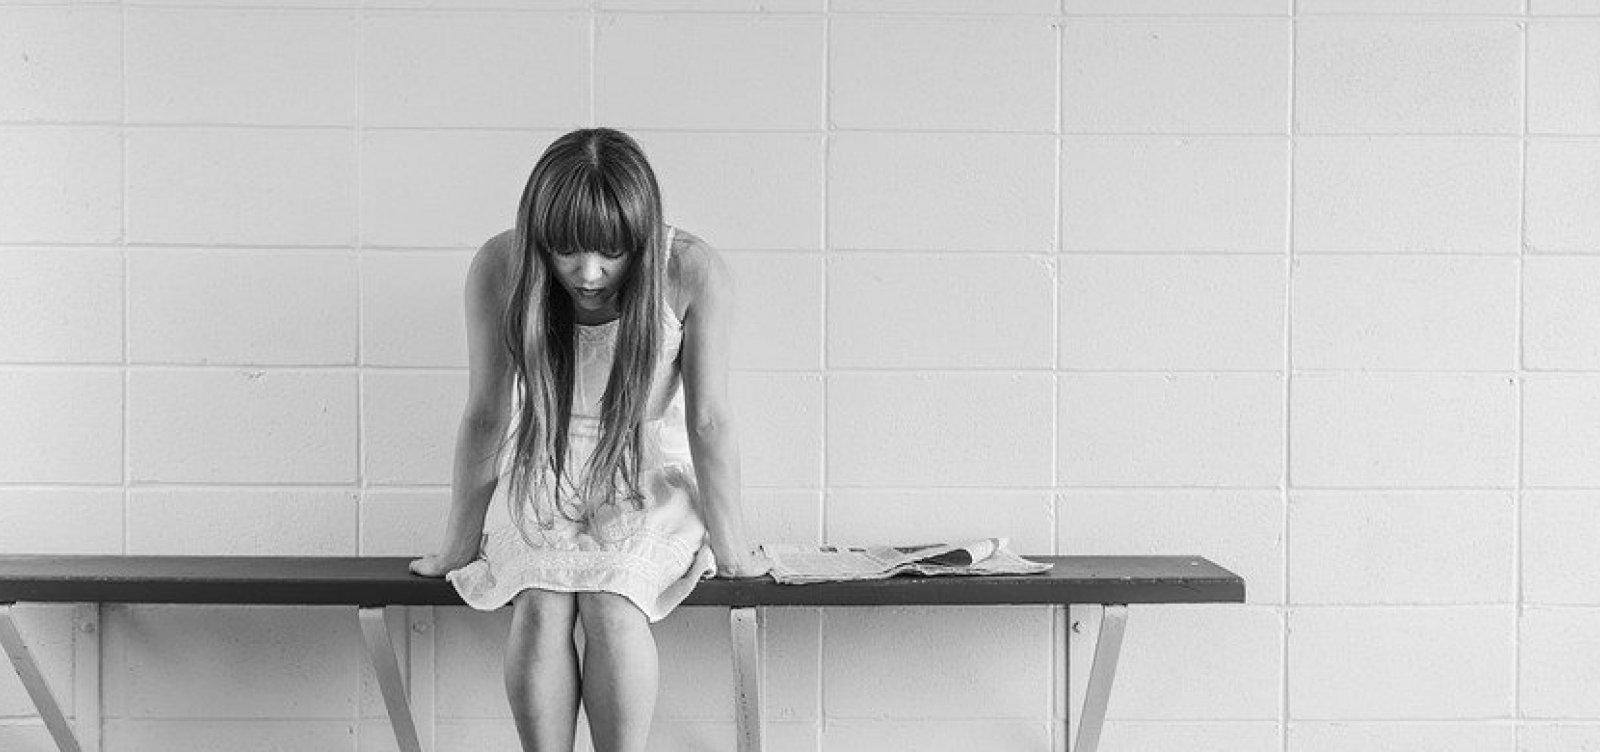 [Uma em cada cinco meninas se casa antes dos 18 anos no Brasil, diz estudo]